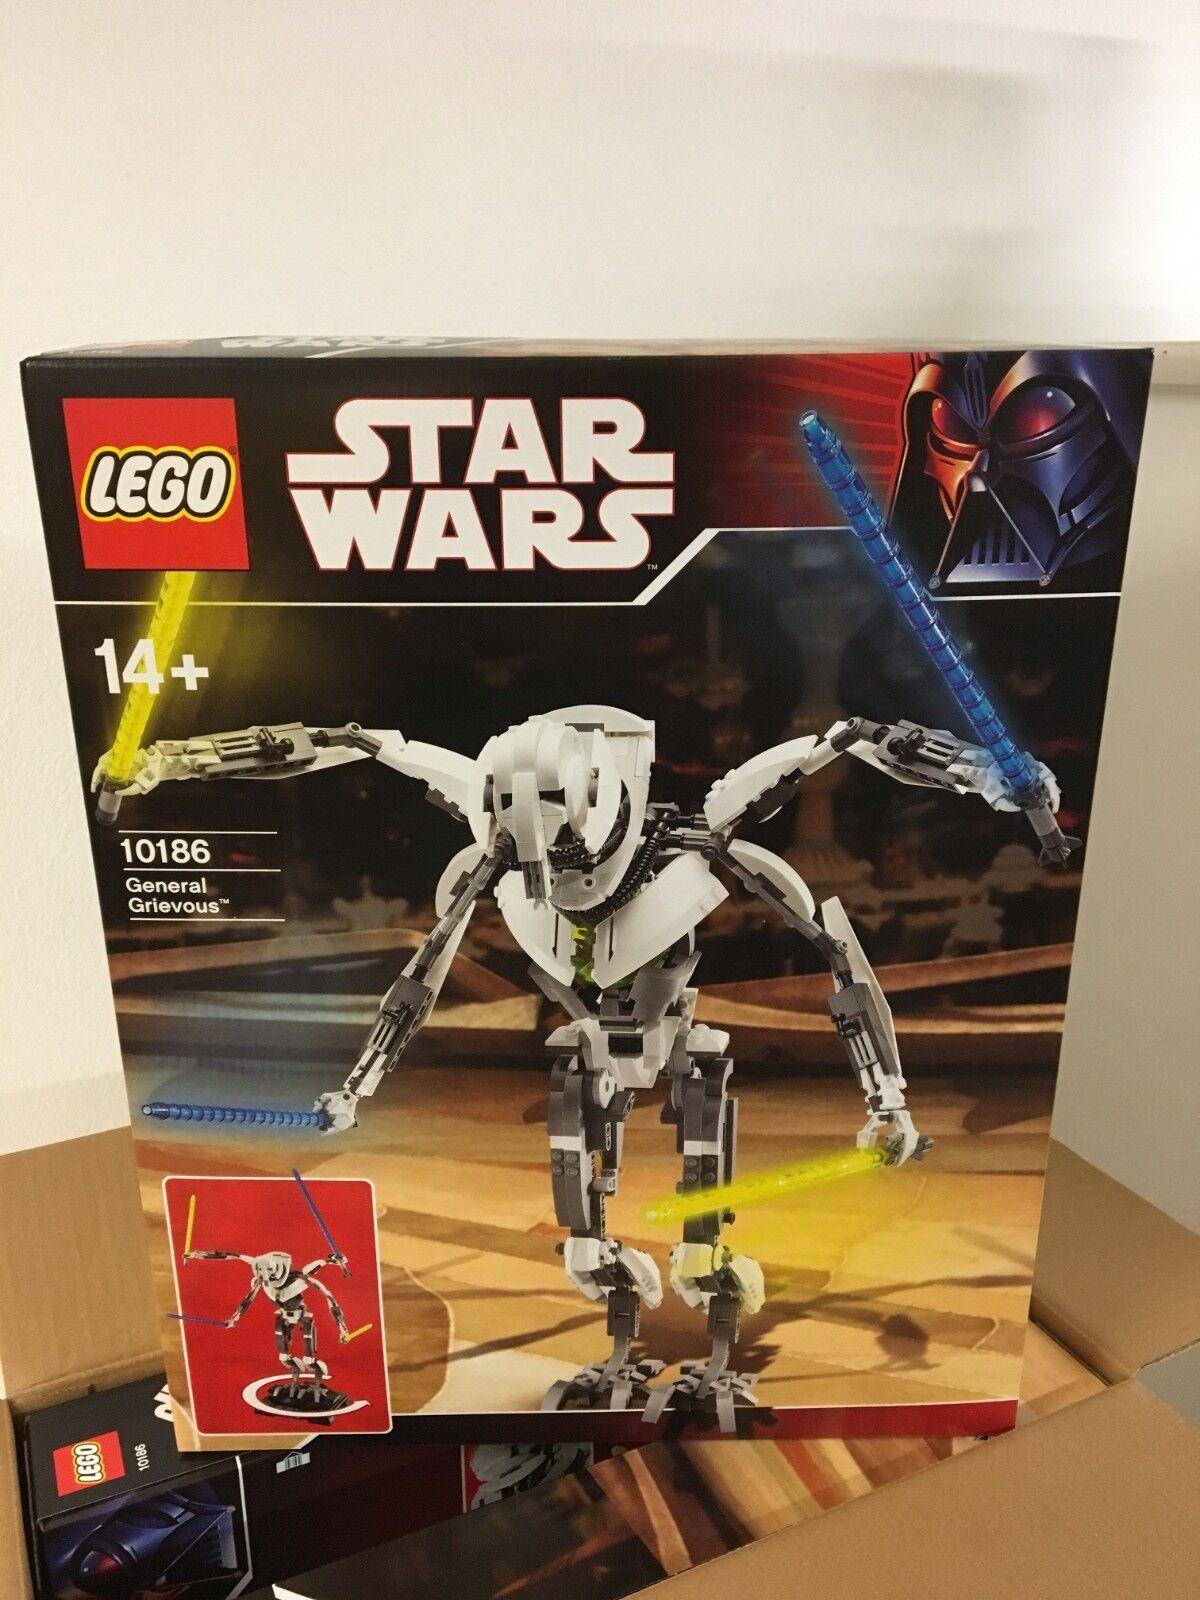 LEGO 10186 Star Wars General Grievous UCS UNGEÖFFNET   NEU   SEHR SELTEN